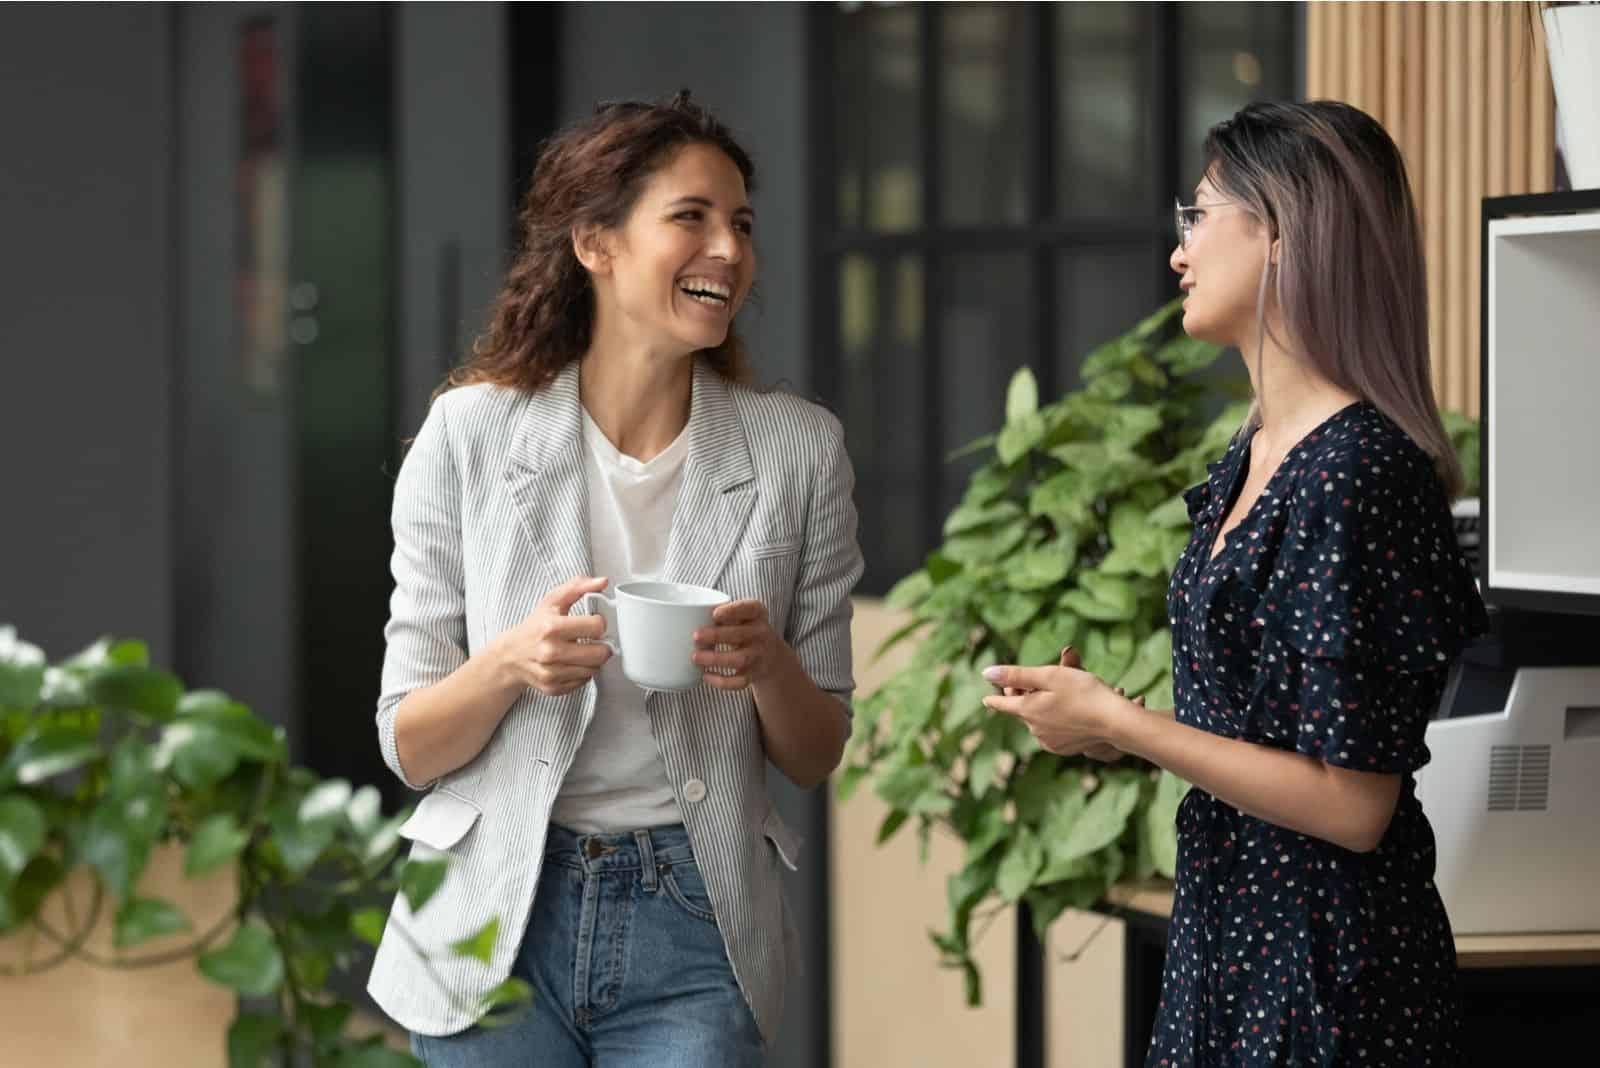 glückliches positives weibliches Lachen und Plaudern während der Kaffeepause